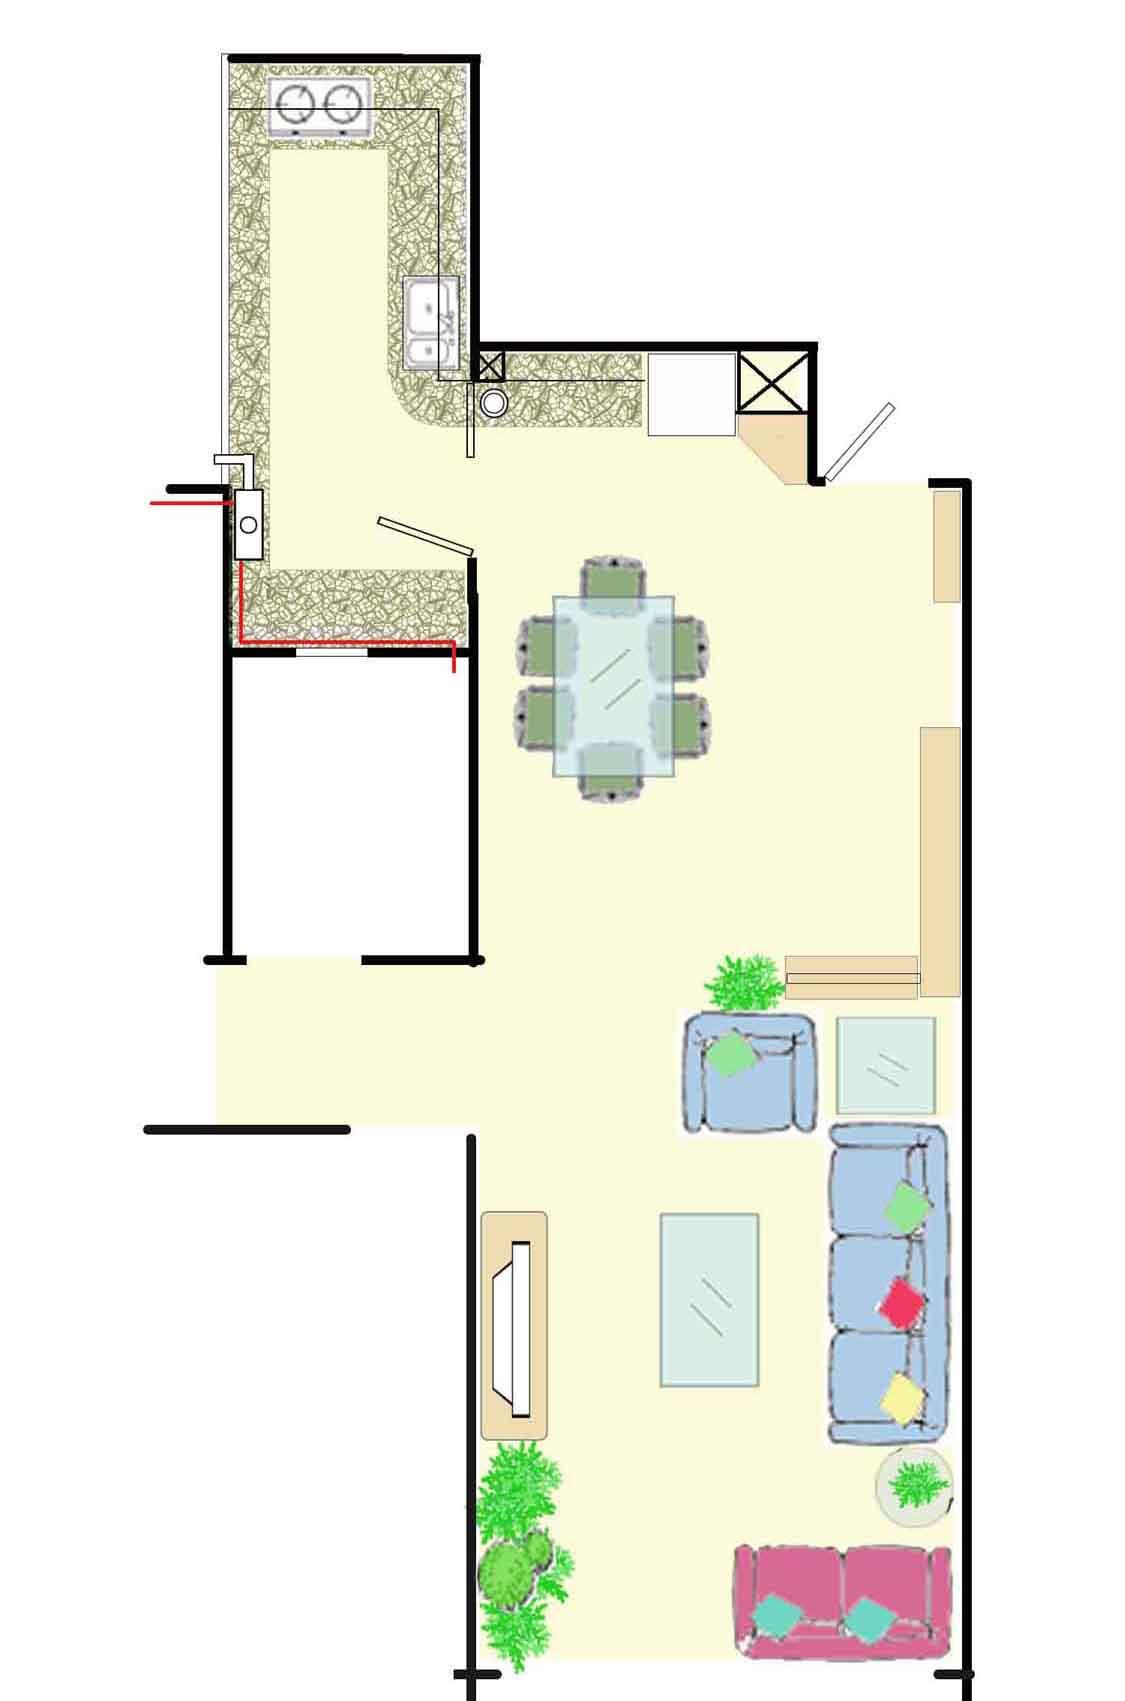 平面图设计软件_景观设计平面图_校园广场设计平面图